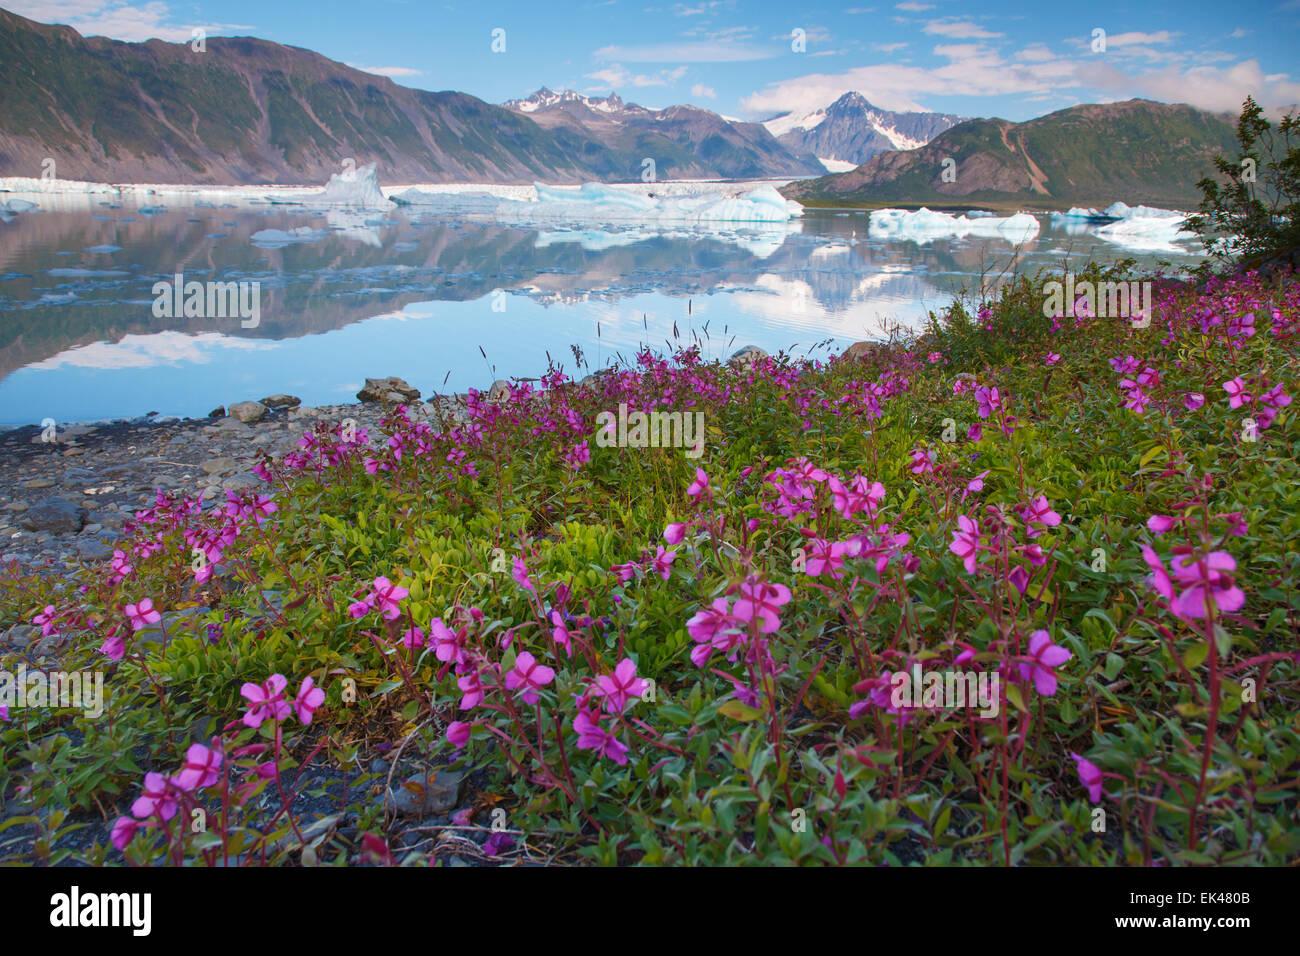 Bear laguna glaciale, il Parco nazionale di Kenai Fjords, vicino a Seward, Alaska. Foto Stock